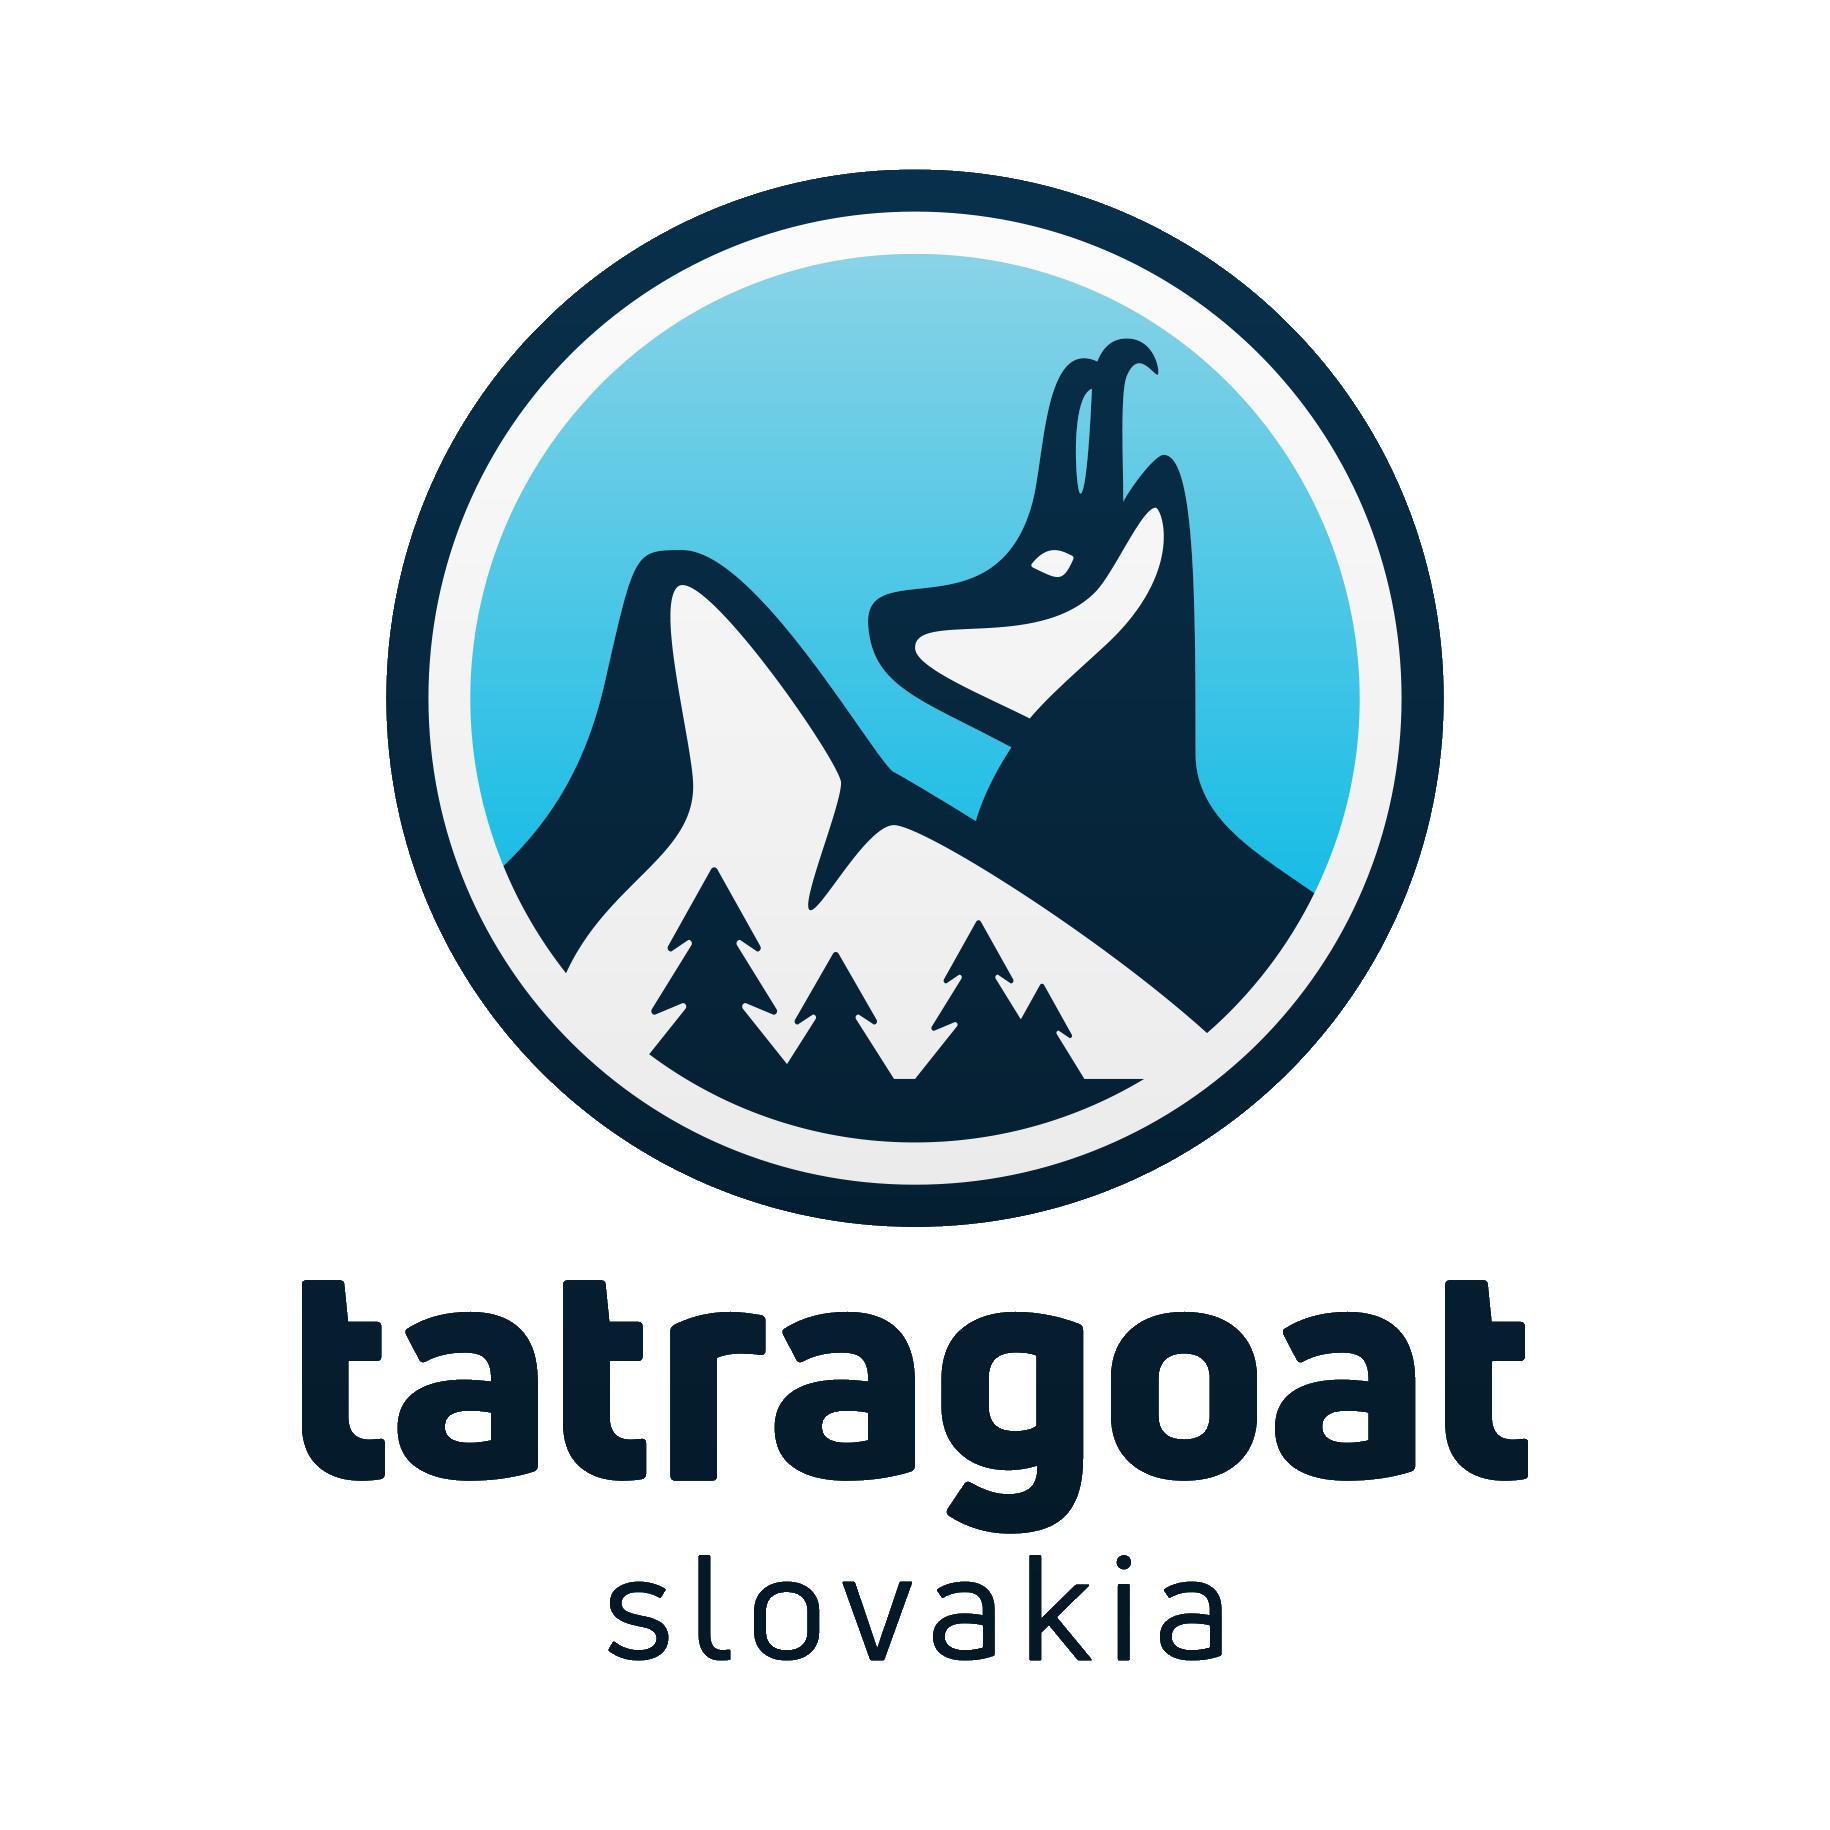 TATRAGOAT SLOVAKIA